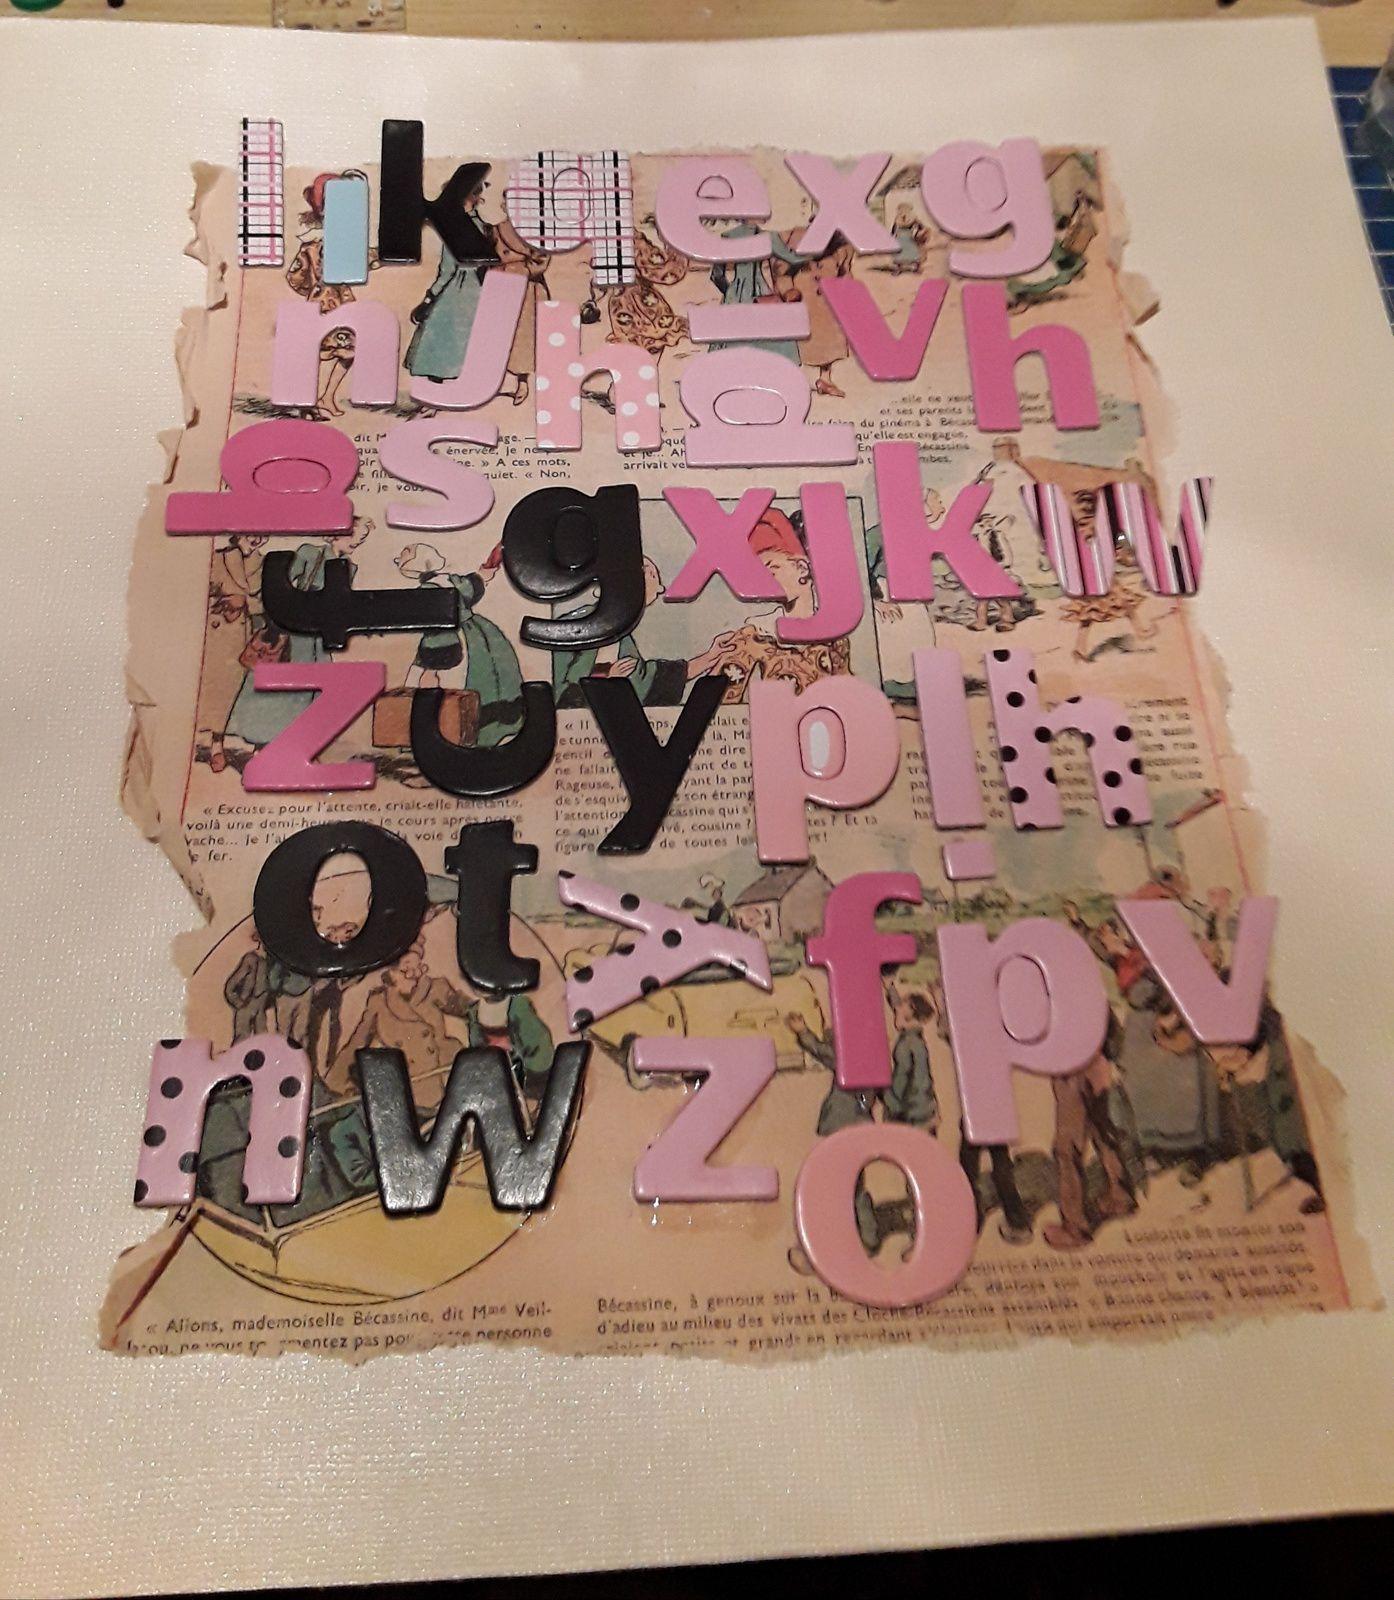 En premier j'ai collé une page d'un vieux journal Butinette. J'ai ensuite collé dessus des lettres chipboard d'un viel alphabet